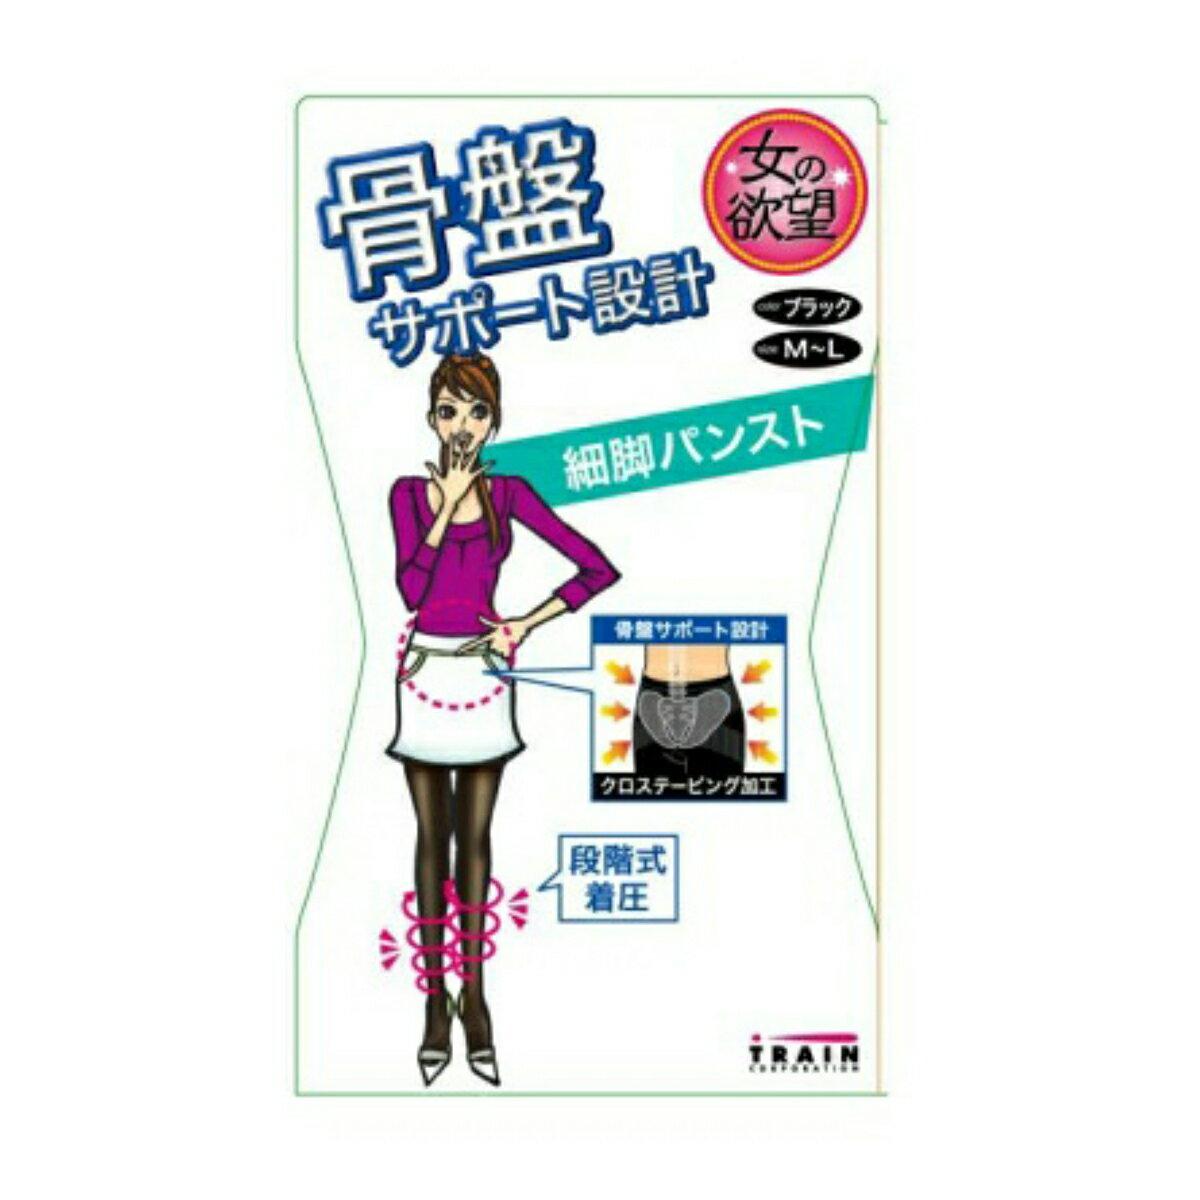 【送料無料】トレイン 女の欲望 骨盤サポート設計 細脚パンスト M-L ブラック×200点セット まとめ買い特価!ケース販売 ( 4545633018344 )